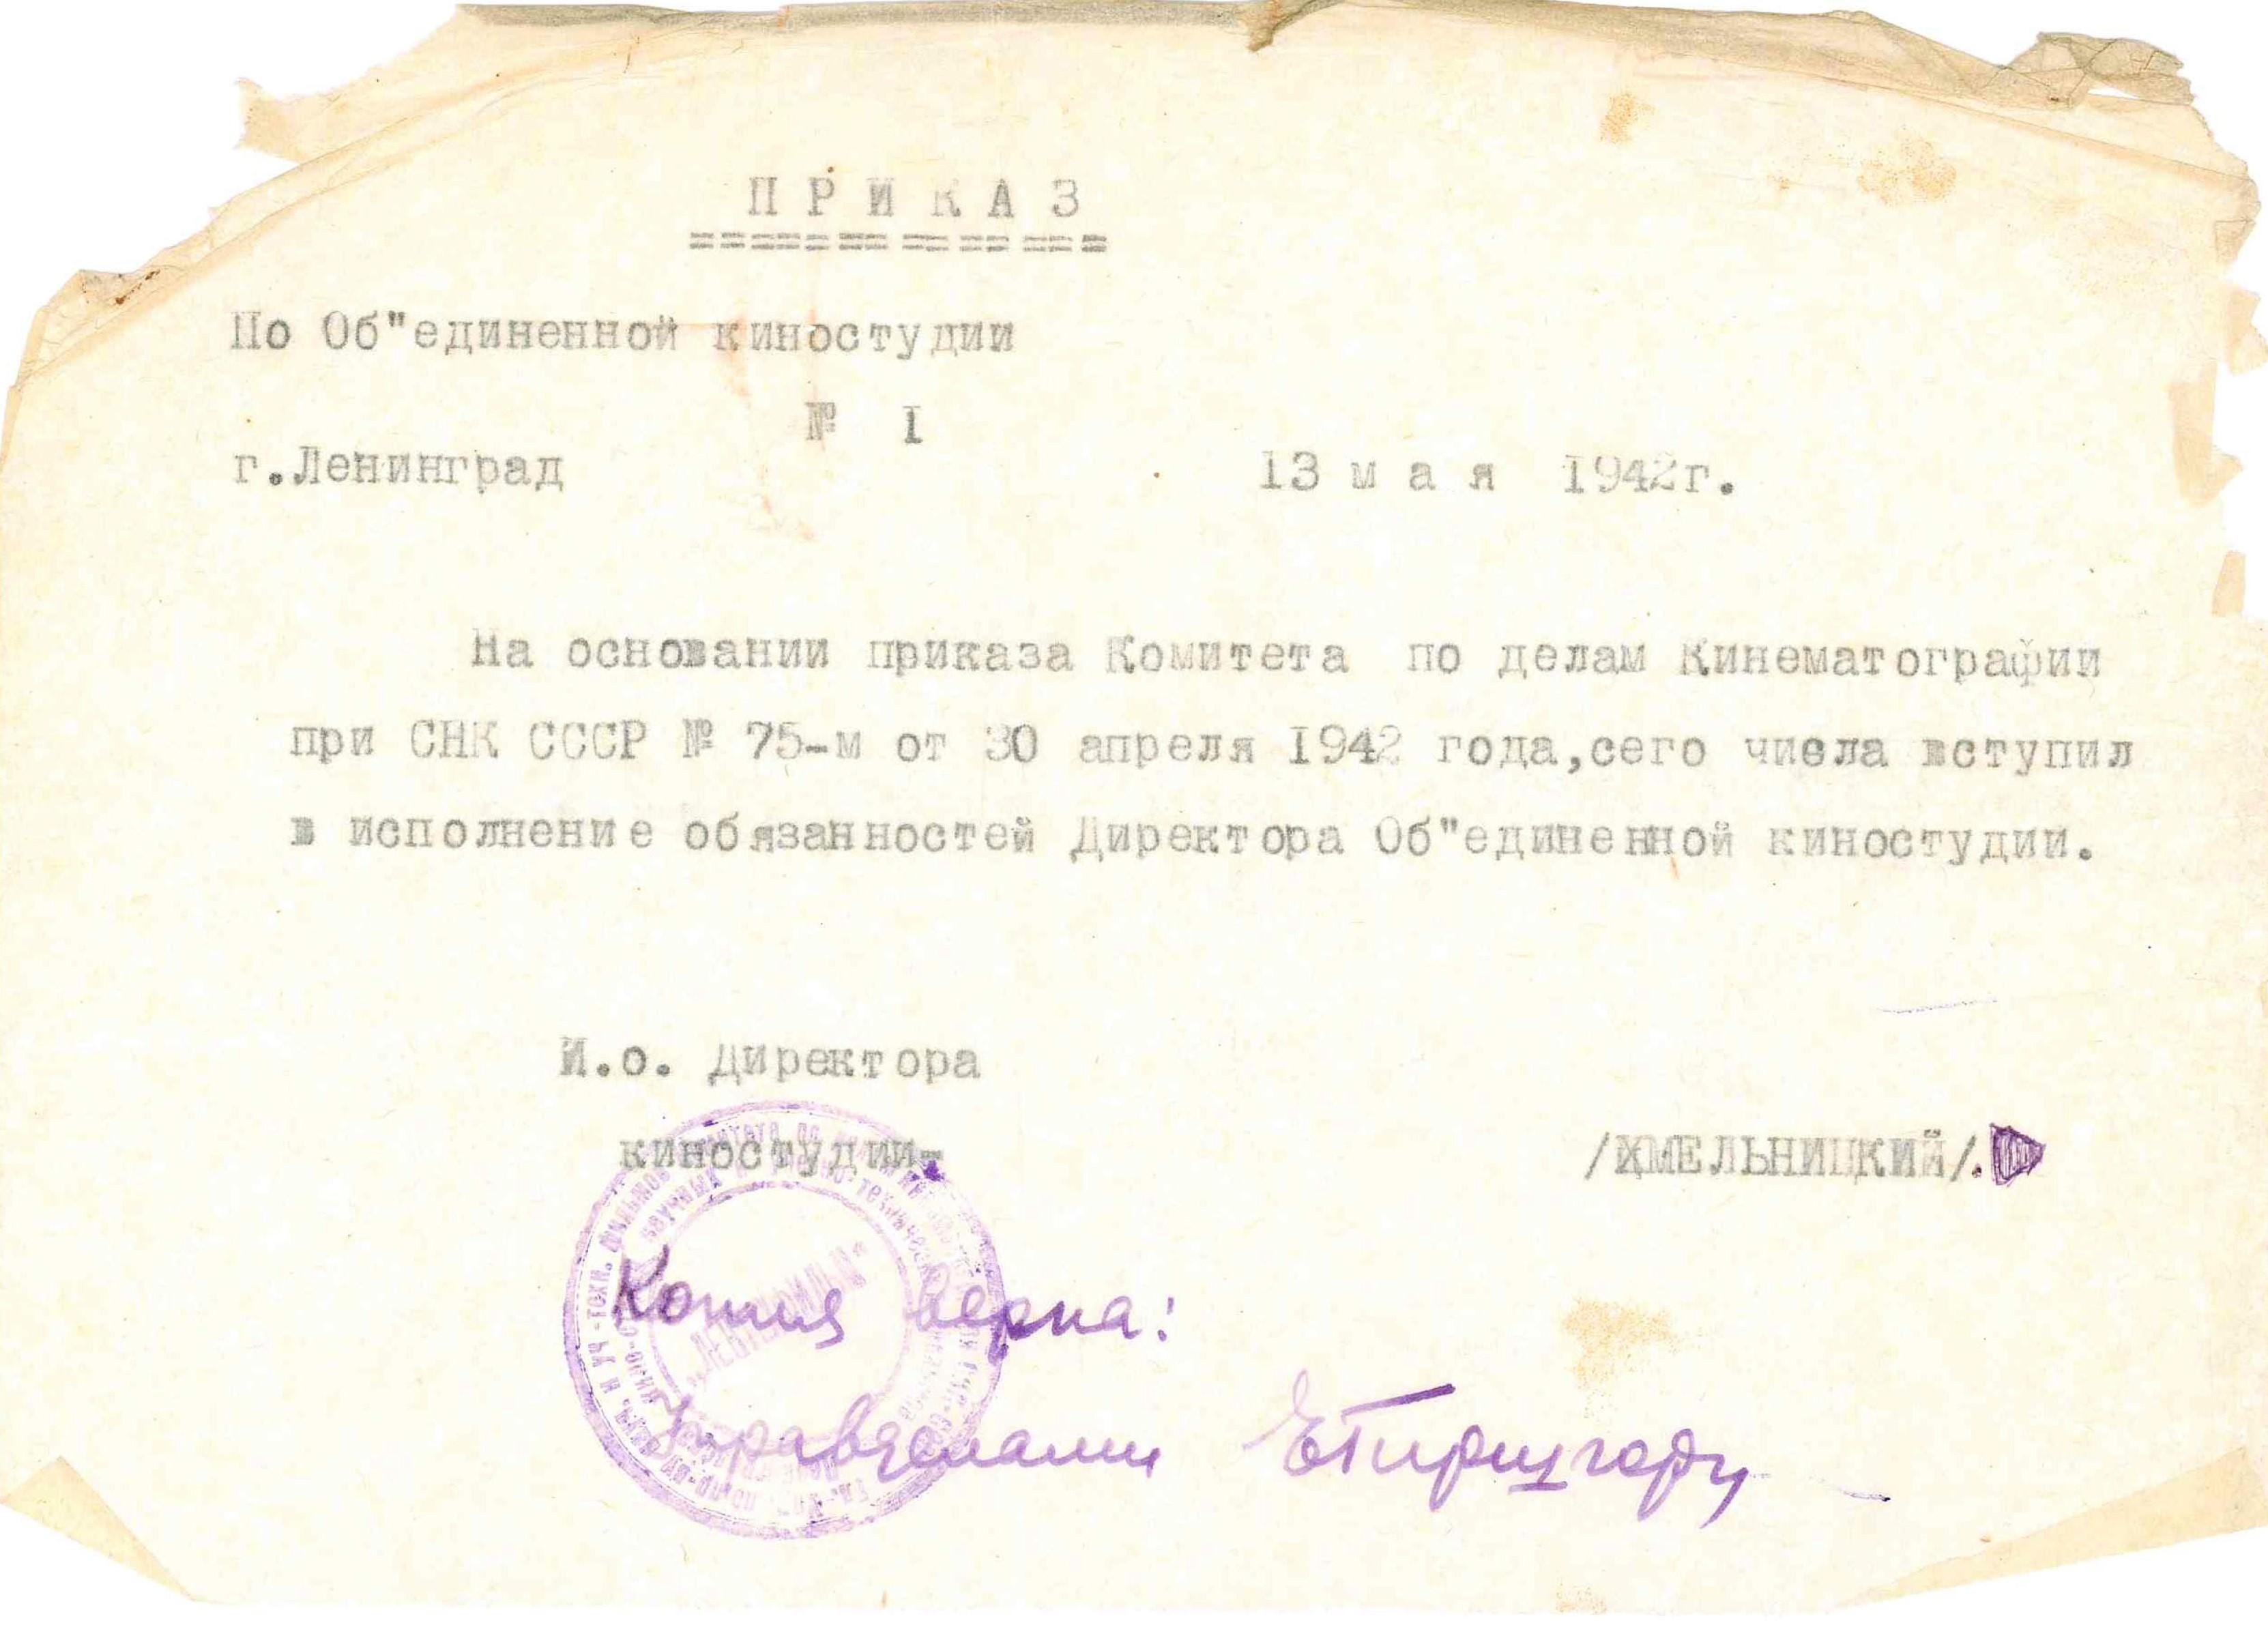 Экспонат #34. Приказ № 1 по Объединенной киностудии. г. Ленинград. 13 мая 1942 года